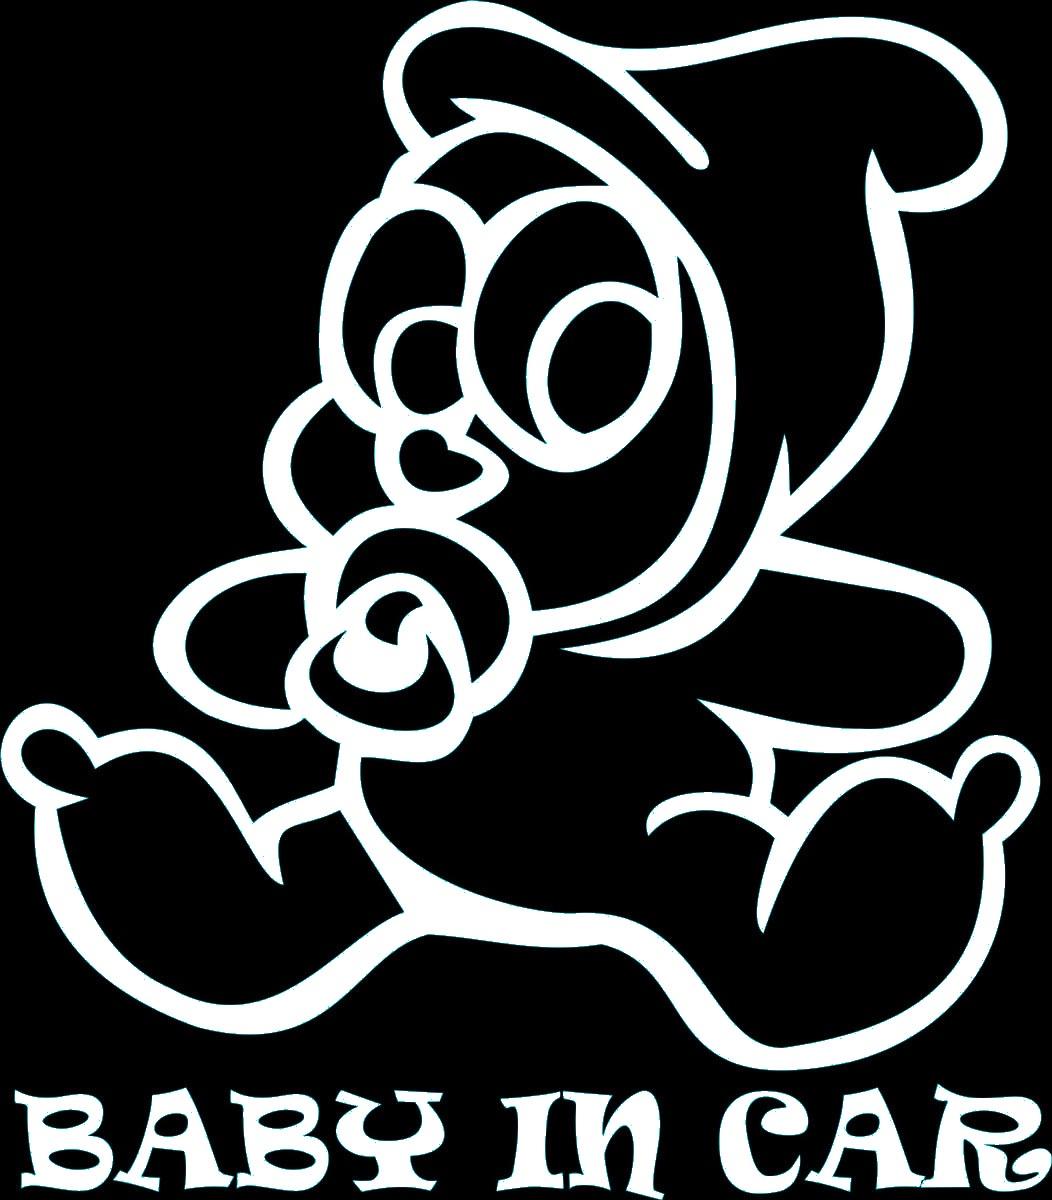 Фото - Наклейка ОранжевыйСлоник виниловая эби ин кар пупс для авто или интерьера, Винил авто